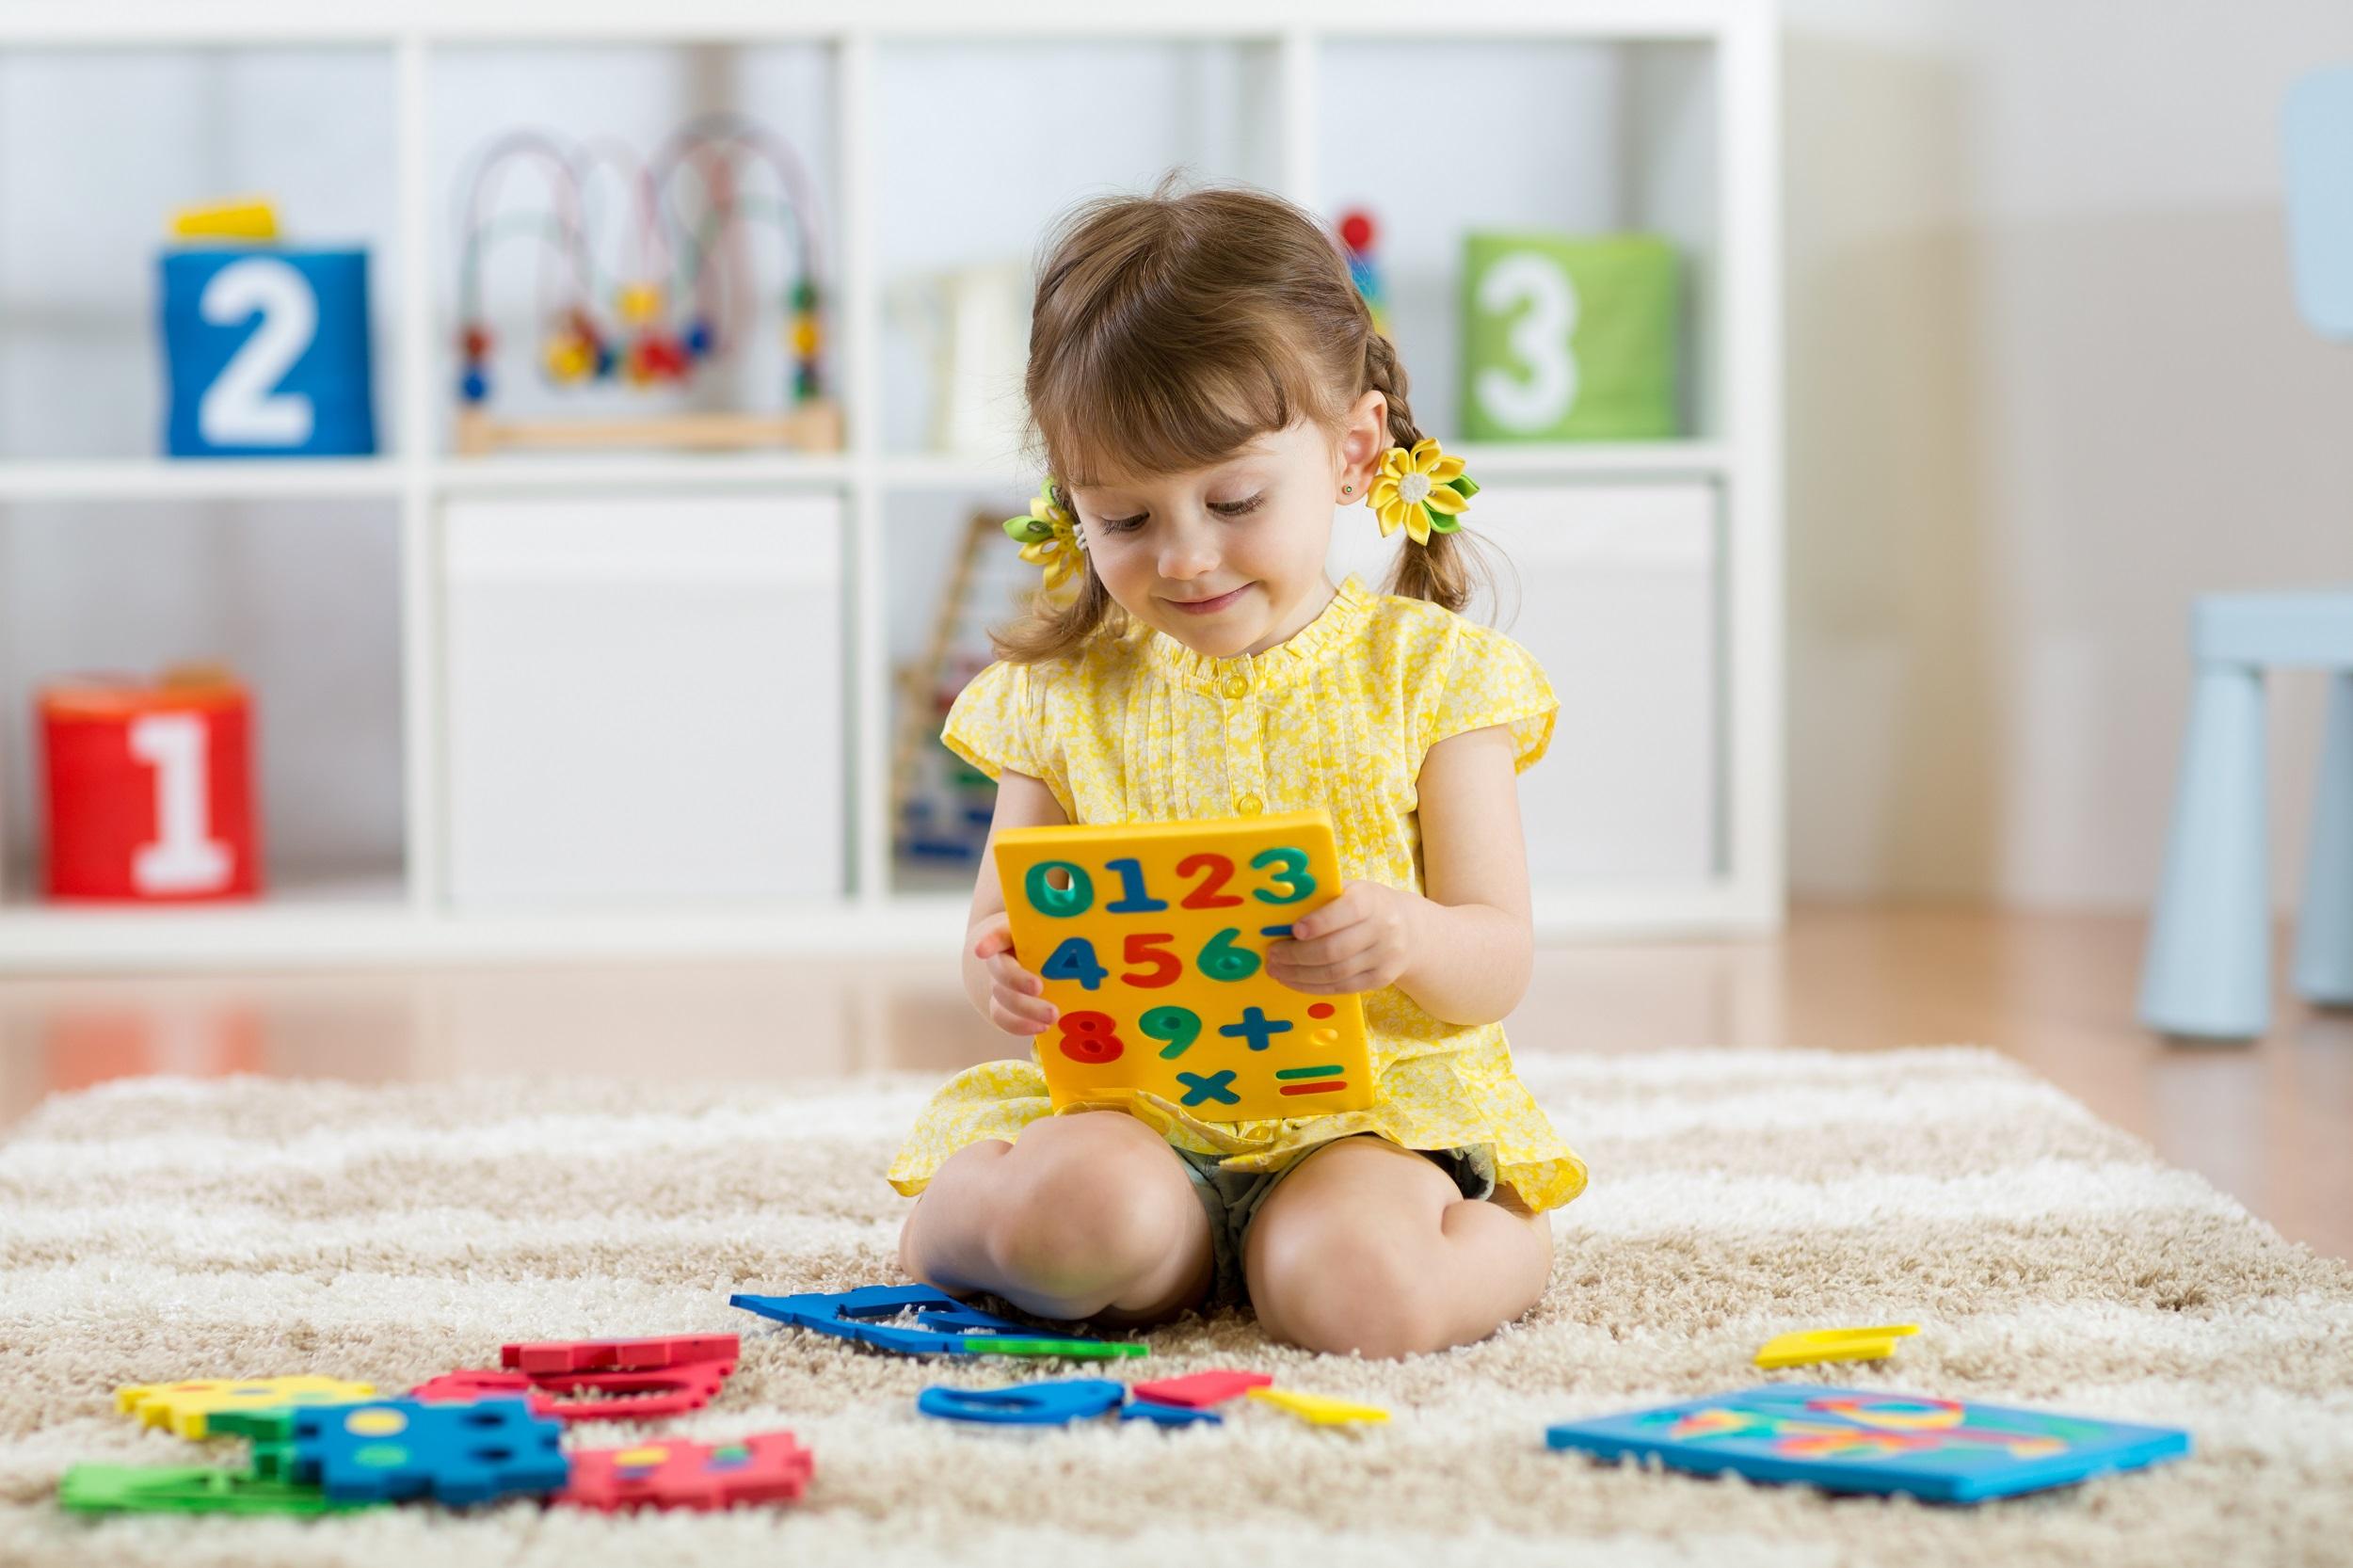 Immersja językowa, jak nauczyć przedszkolaka języka obcego w domu?